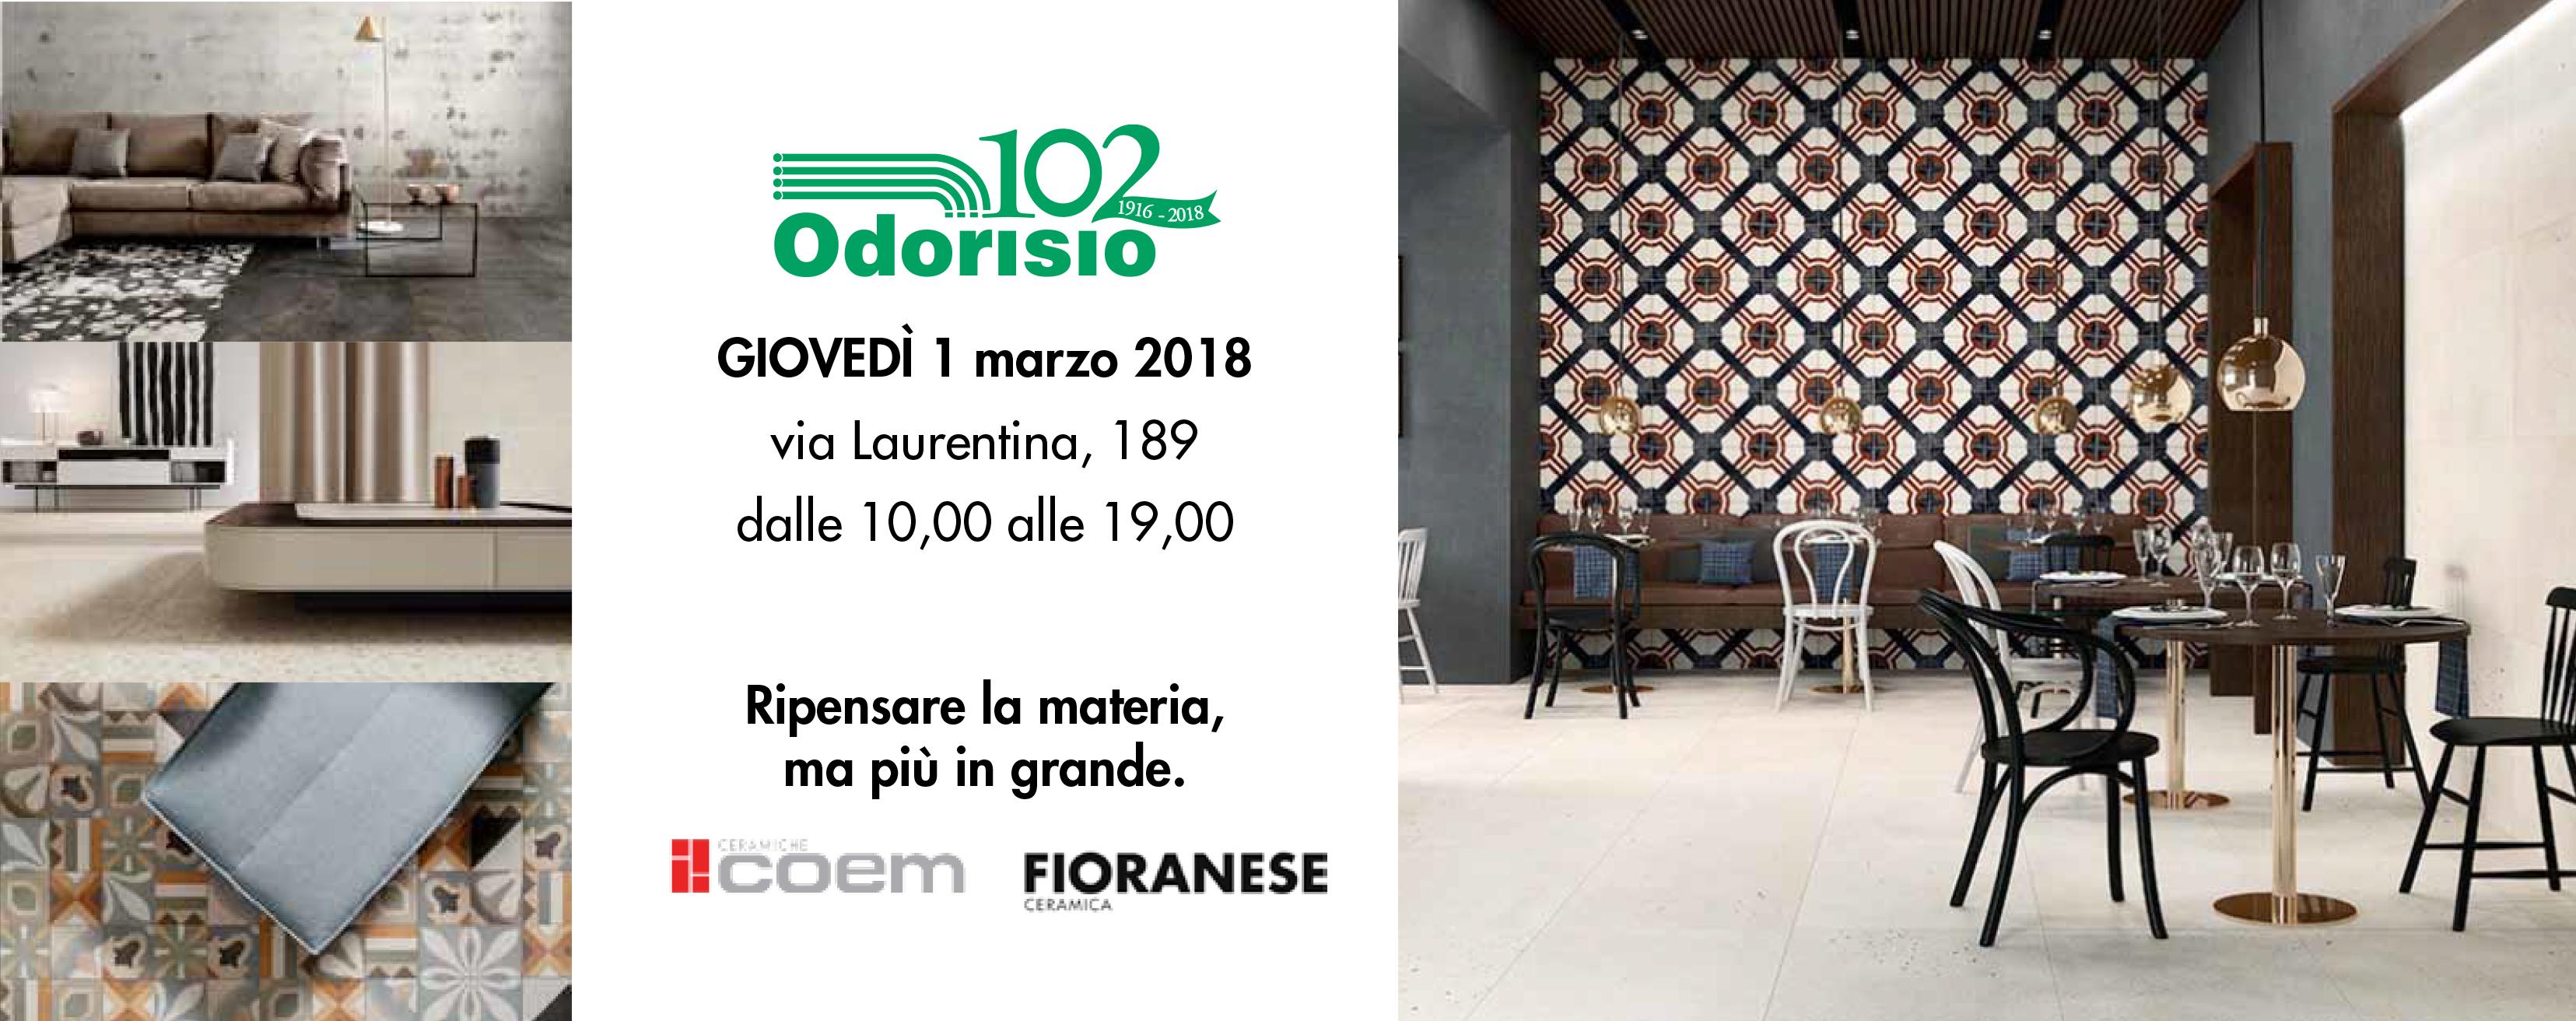 Odorisio Ceramiche Via Laurentina.I Giovedi Di Odorisio Roma Progetta Promozione Architetti Roma